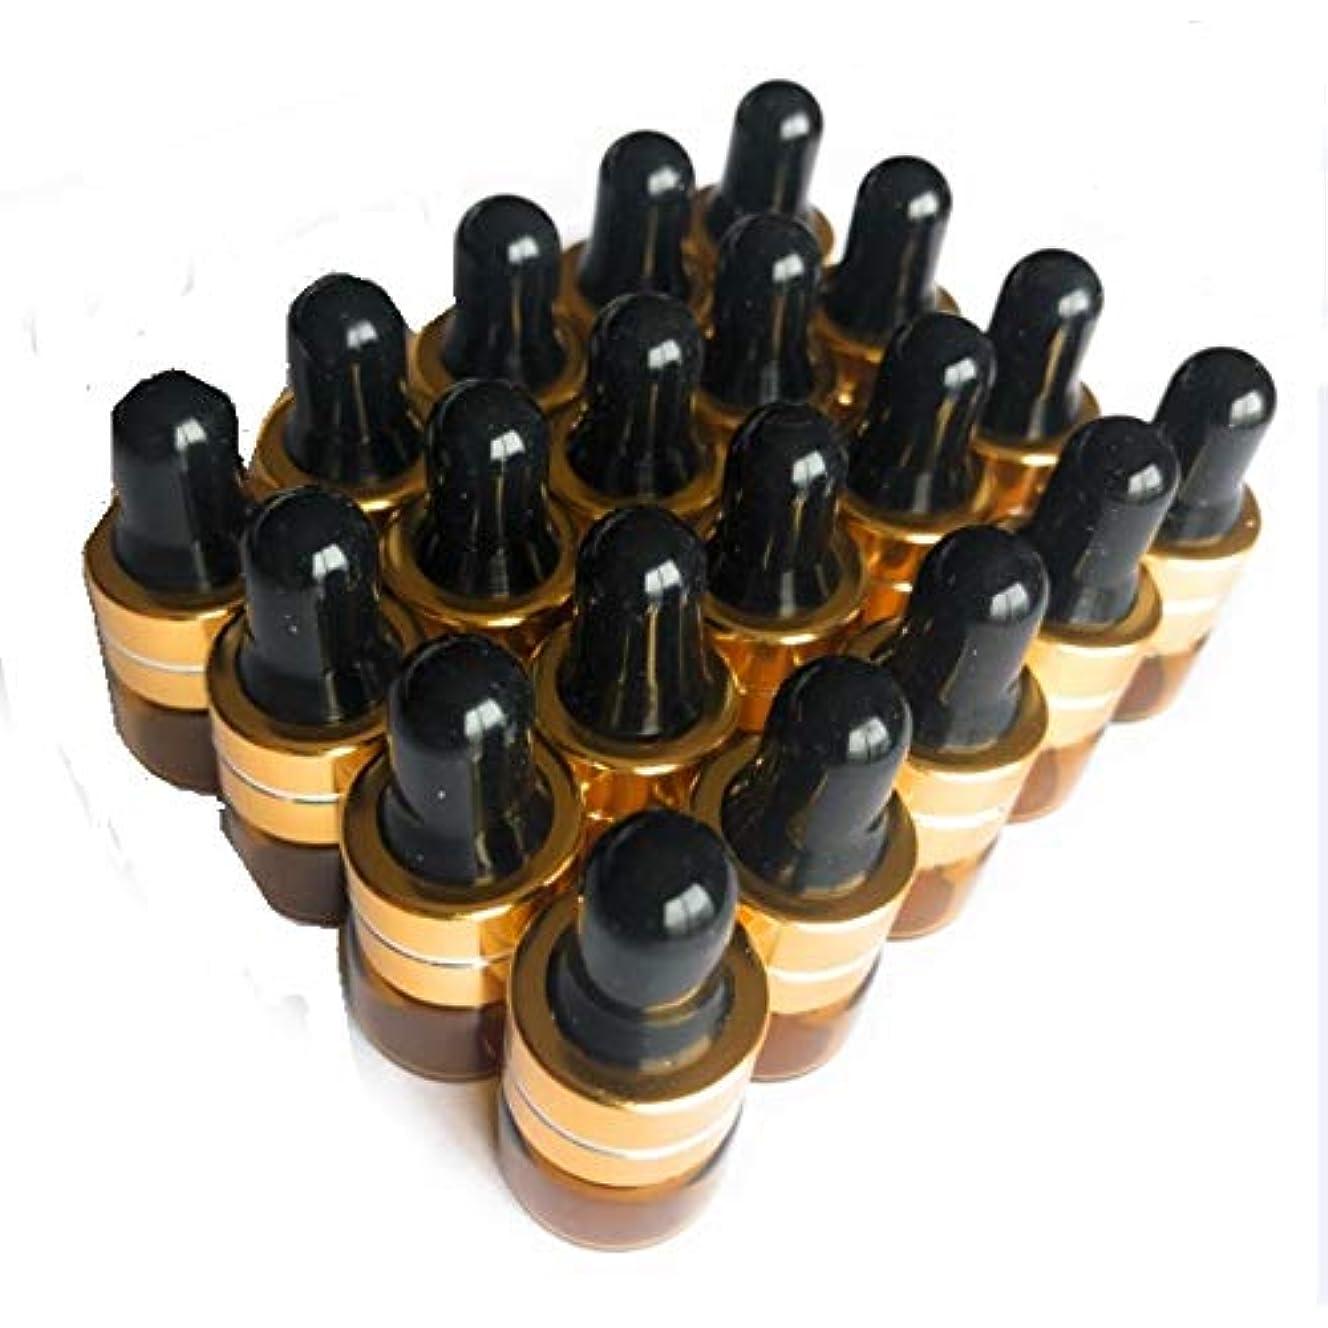 野心ために引き受けるits 遮光瓶 アロマオイル 精油 小分け用 ガラス製 保存容器 茶色 (20本 セット 3ml)